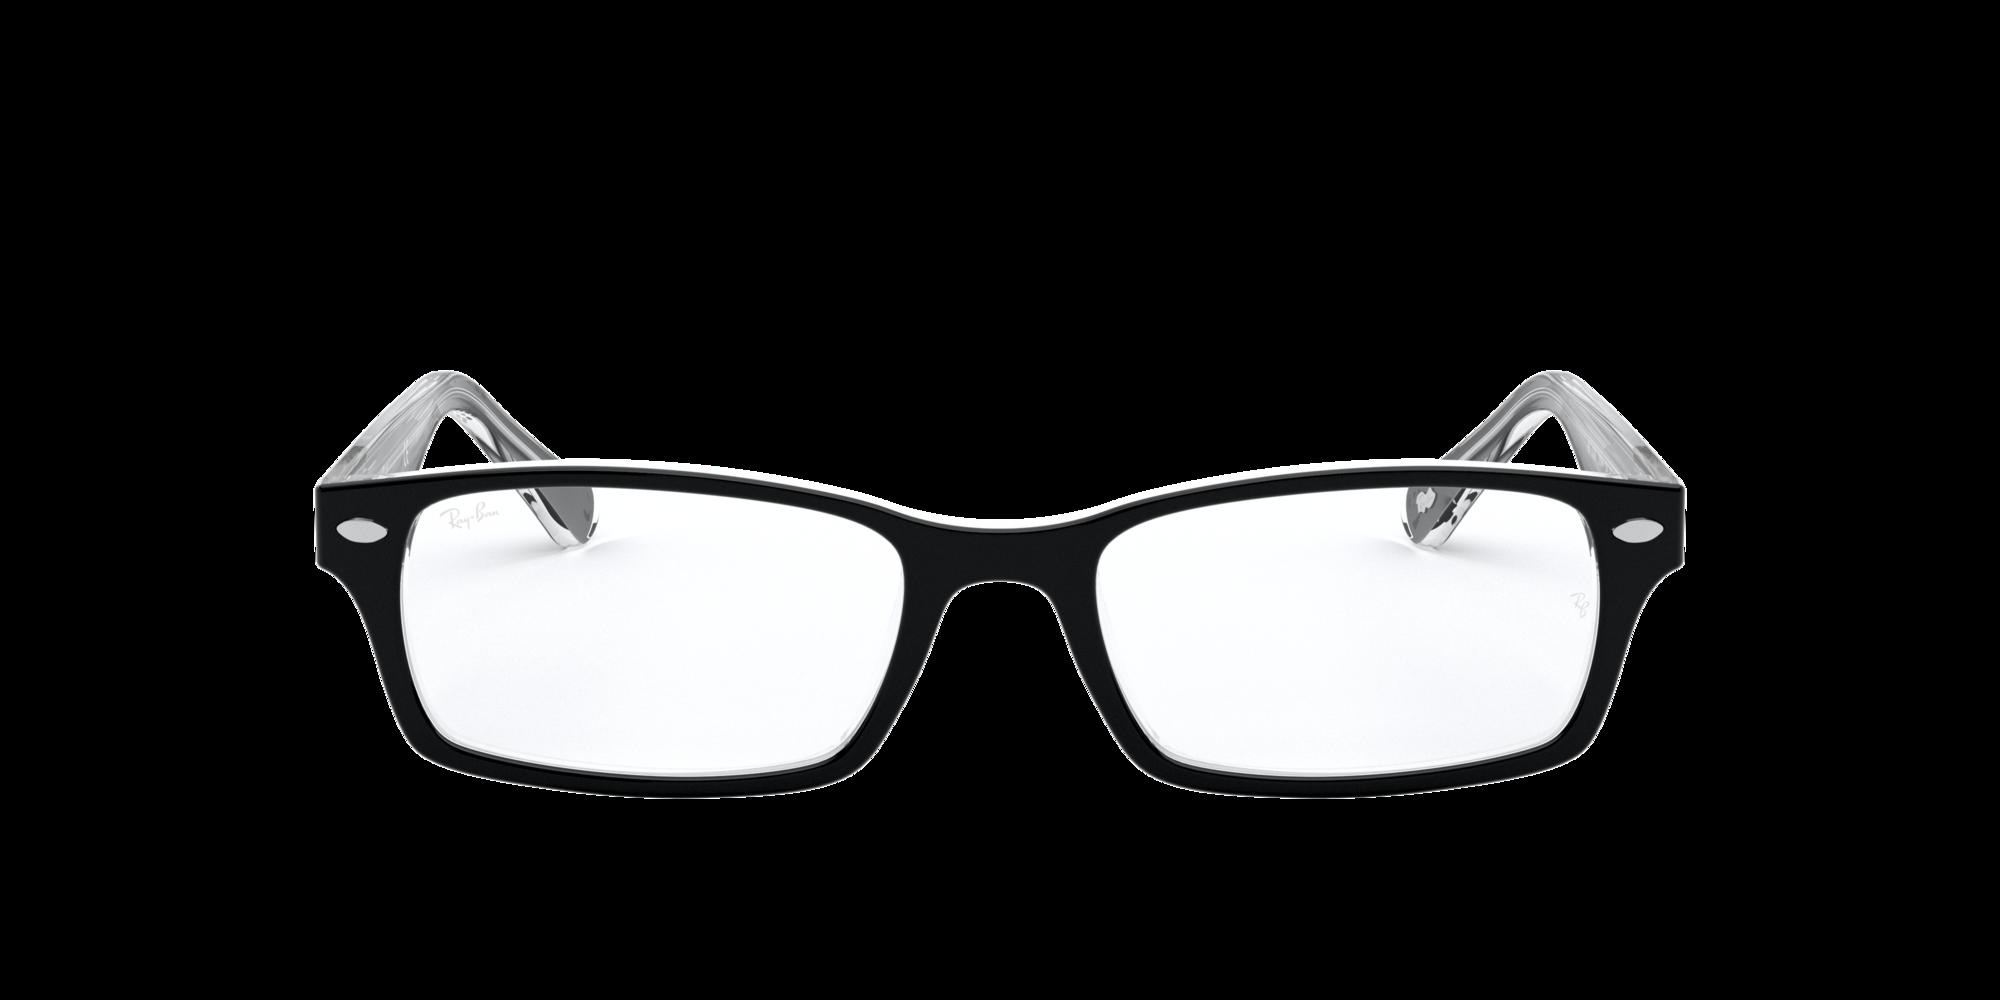 Imagen para RX5206 de LensCrafters |  Espejuelos, espejuelos graduados en línea, gafas